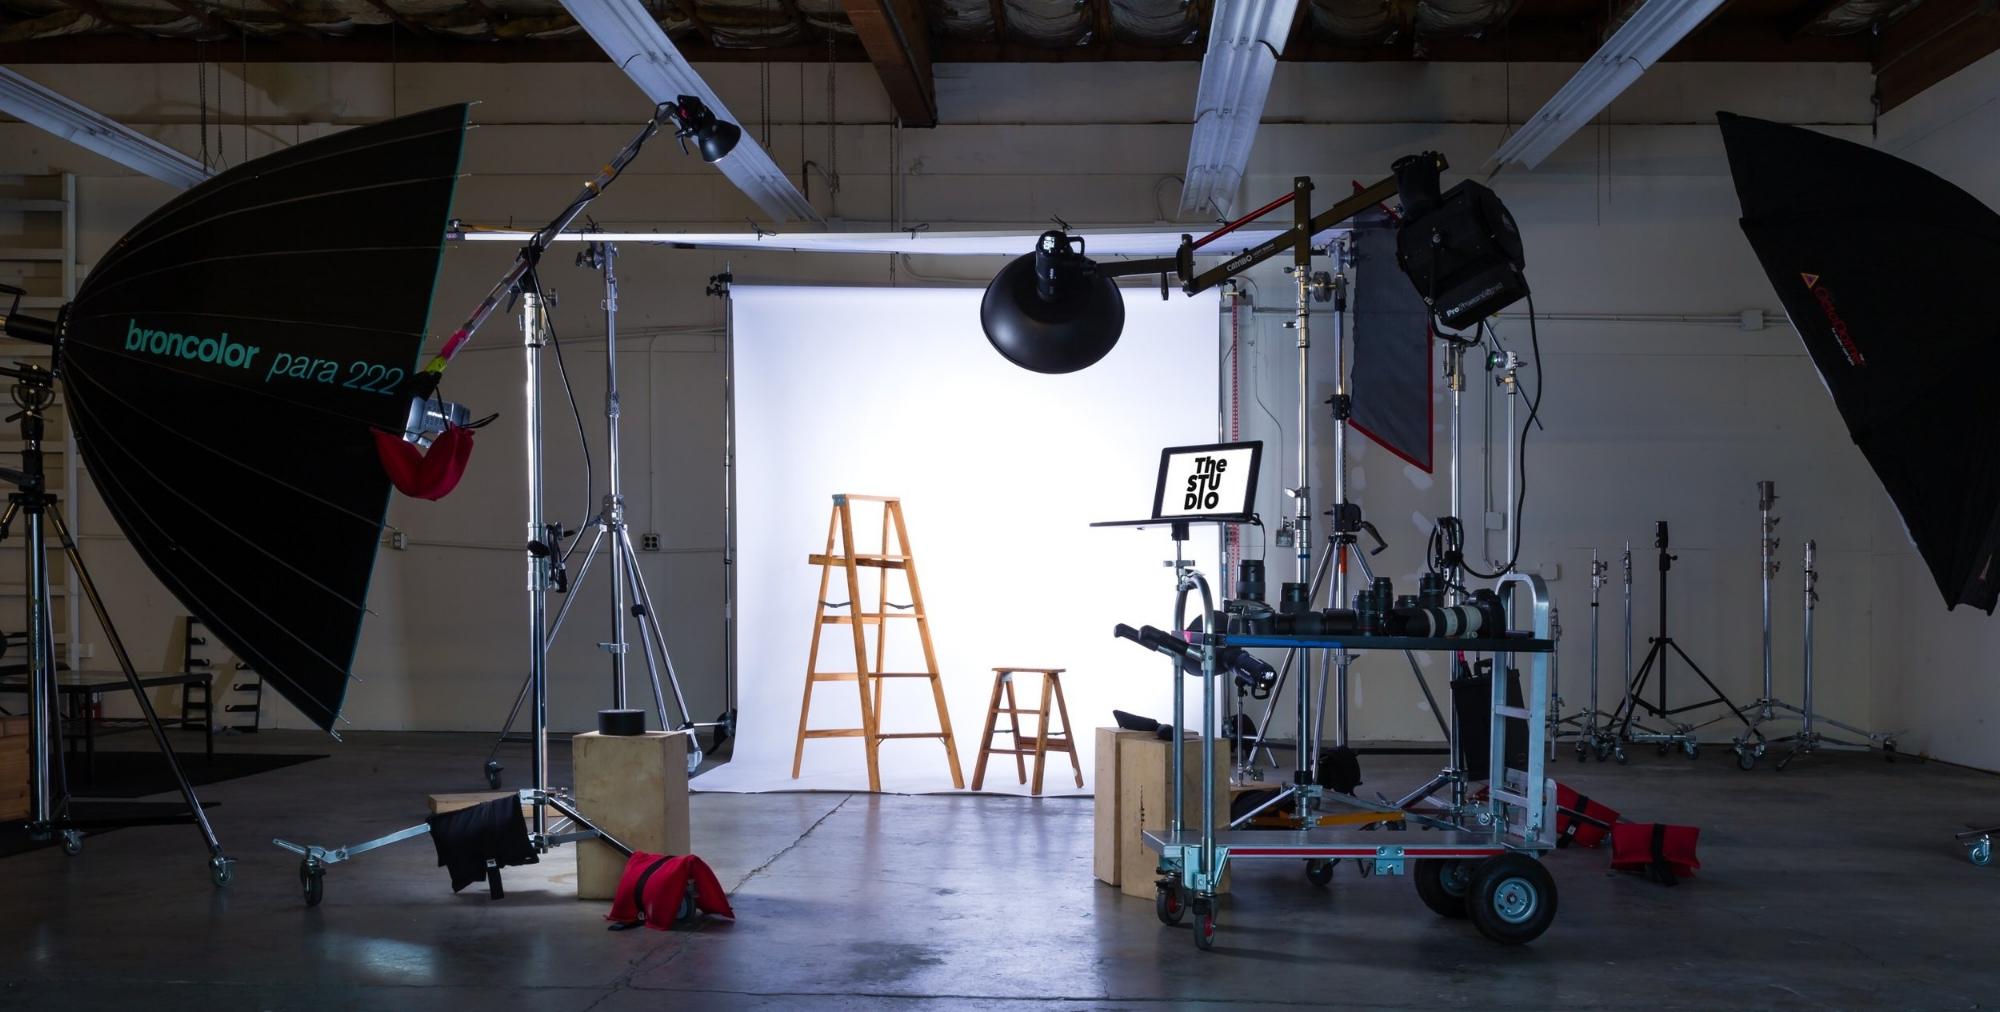 studio lighting photography